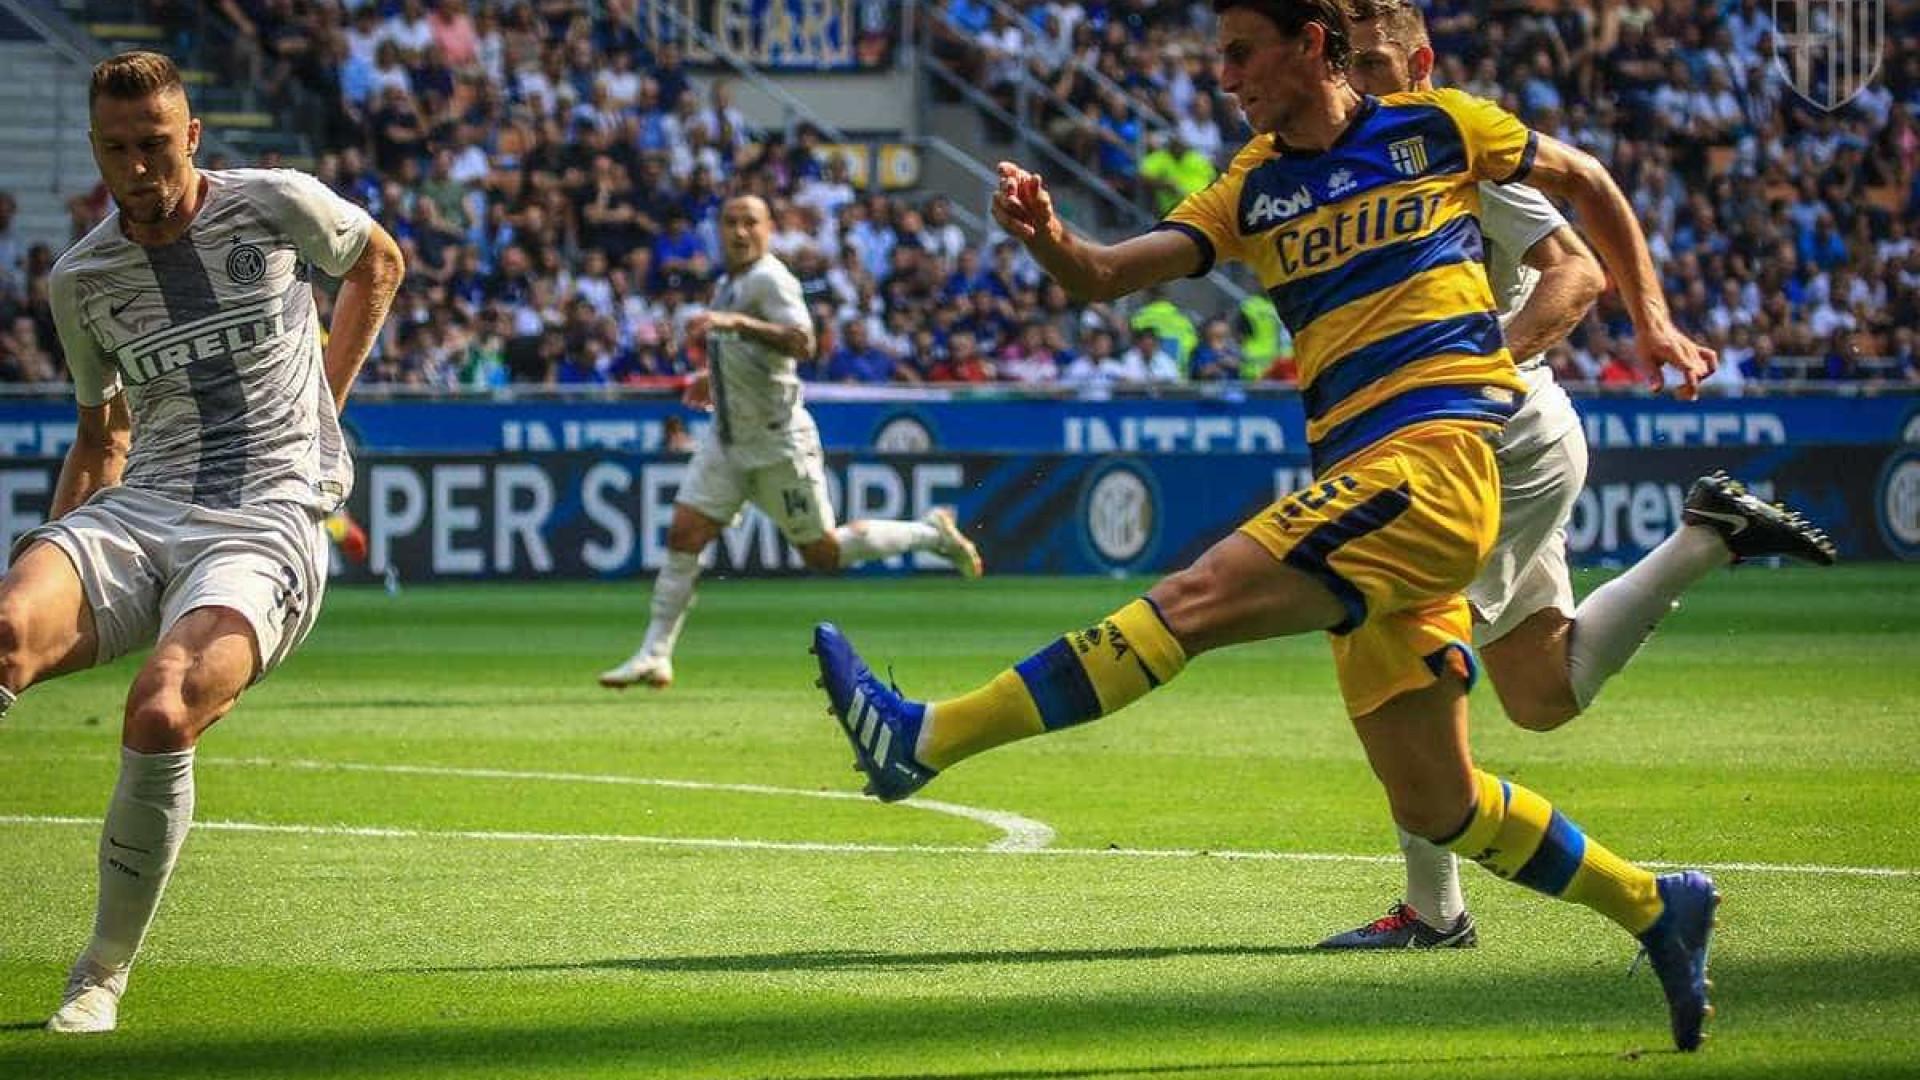 Recém-promovido, Parma derrota Inter em pleno San Siro